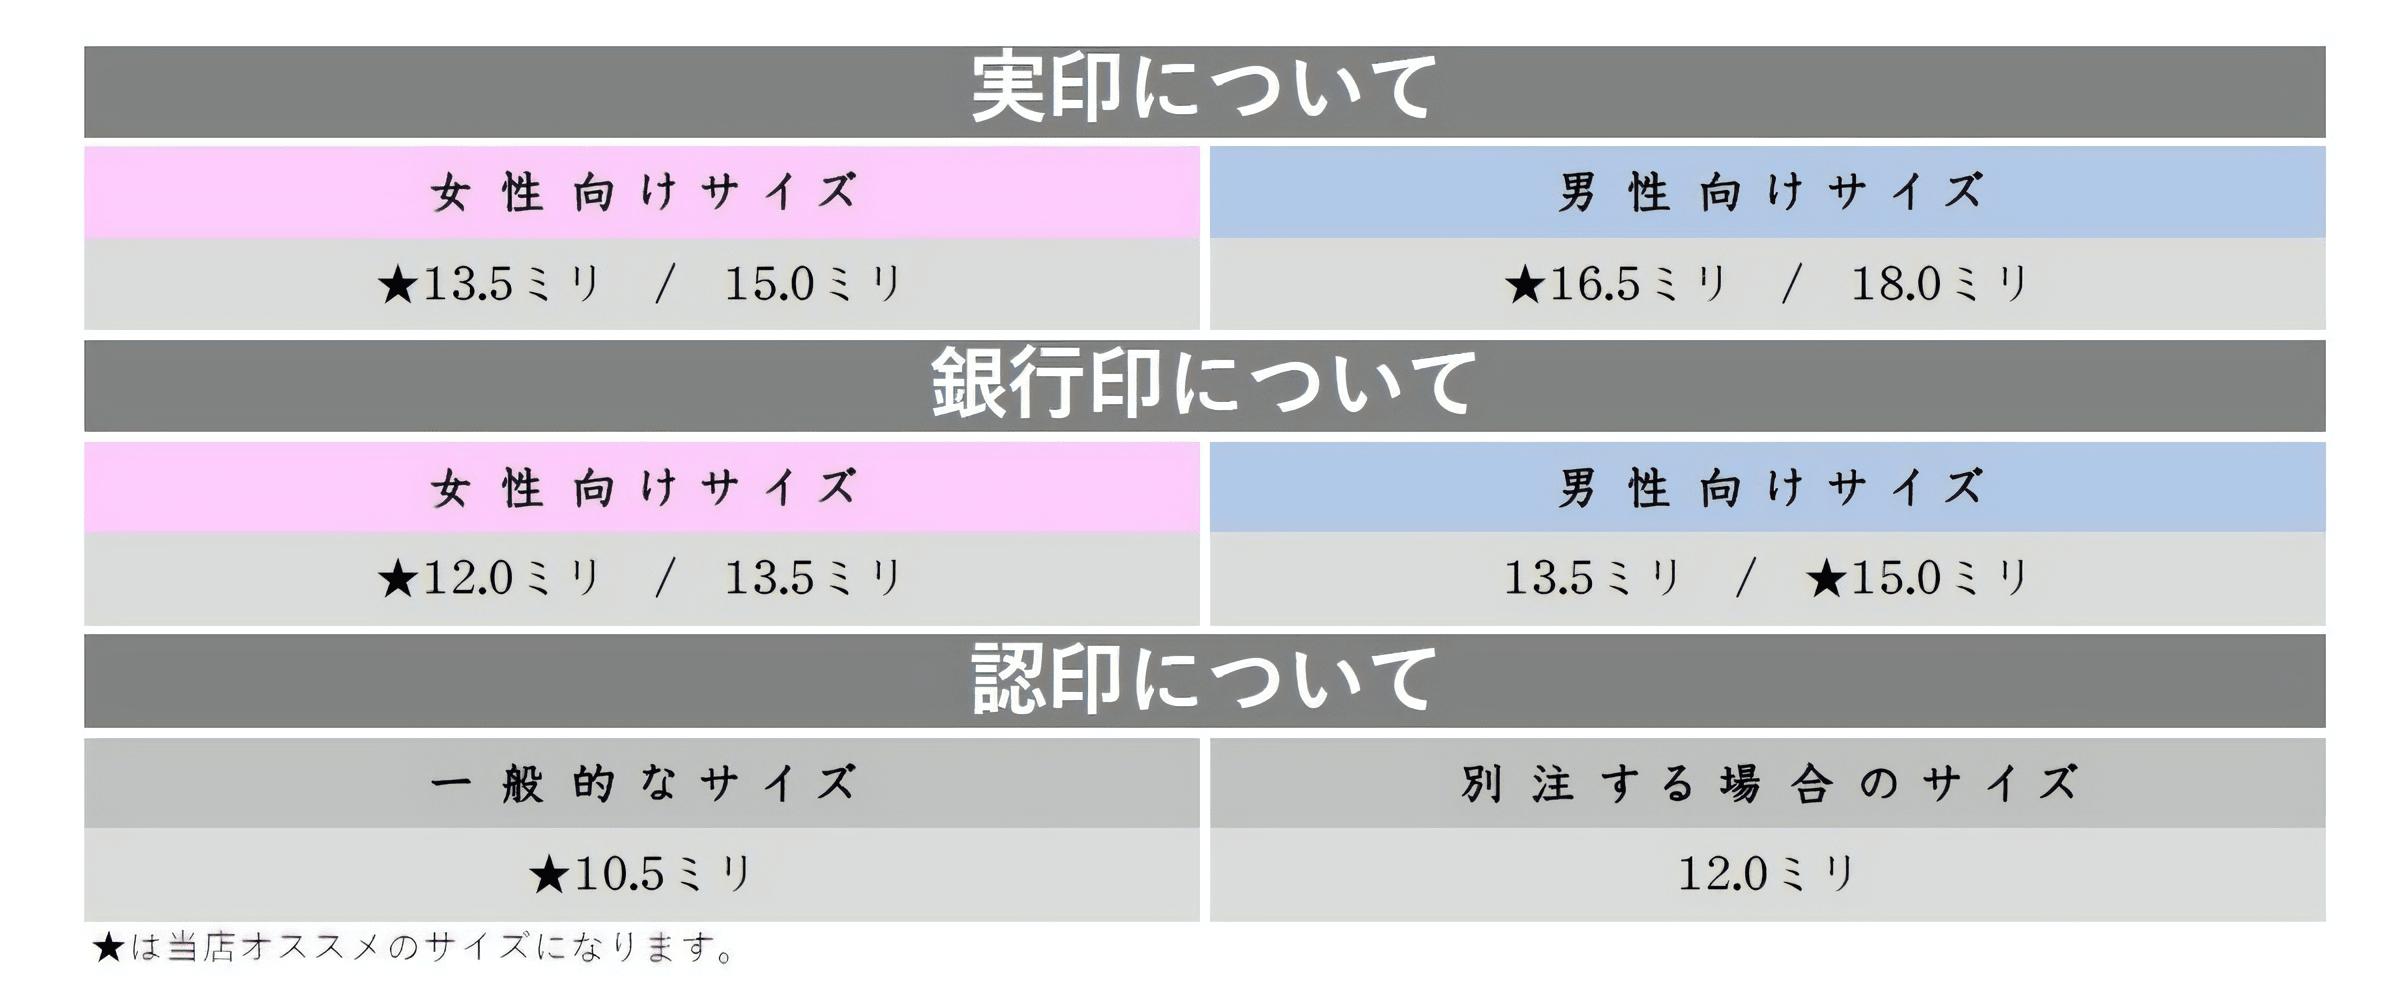 個人用印鑑サイズ表